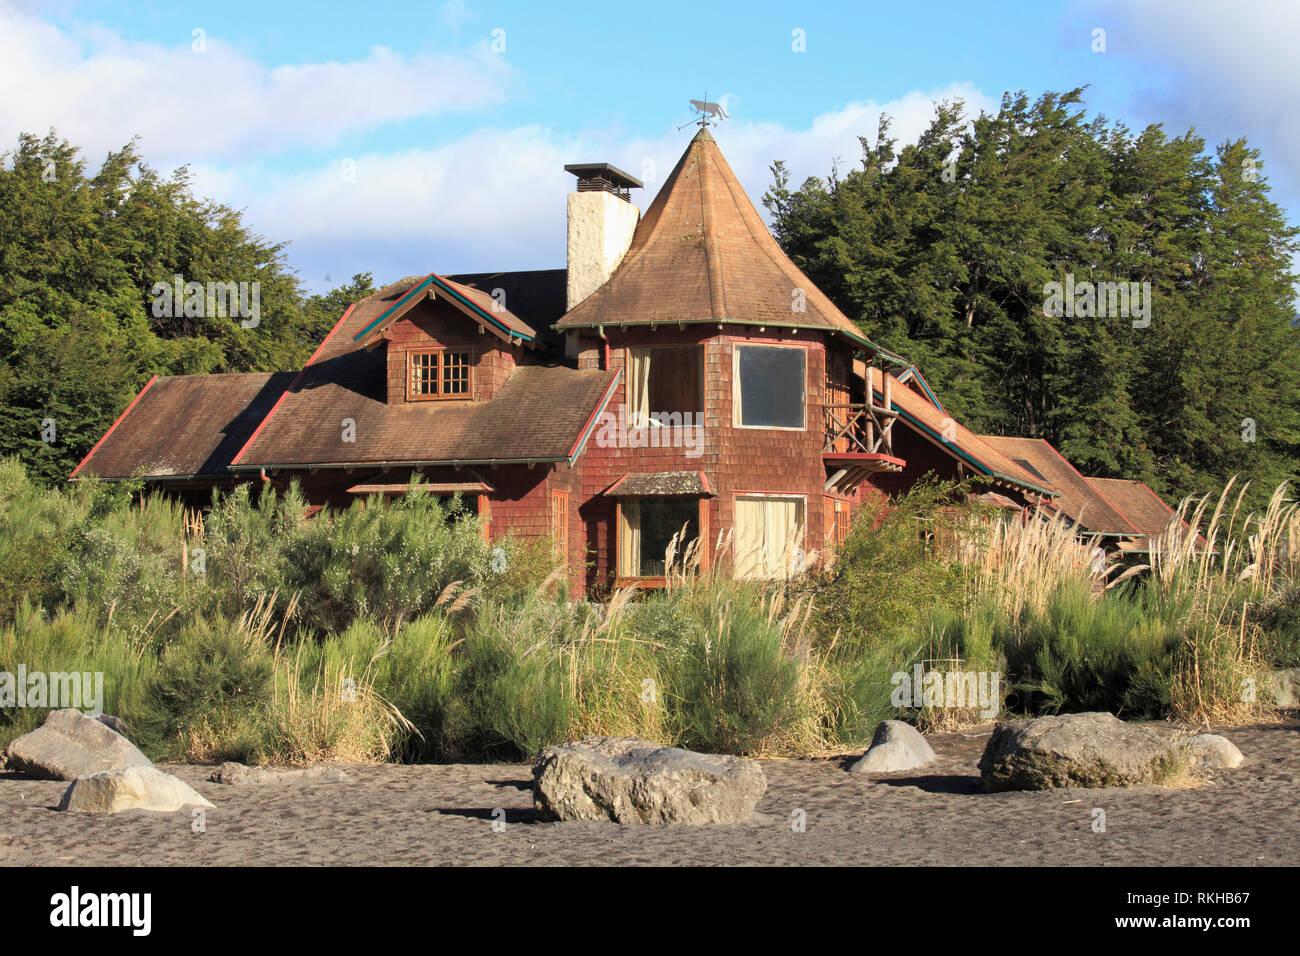 Chile, Lake District, Petrohue, Haus, Gebäude, das die traditionelle Architektur, Stockbild